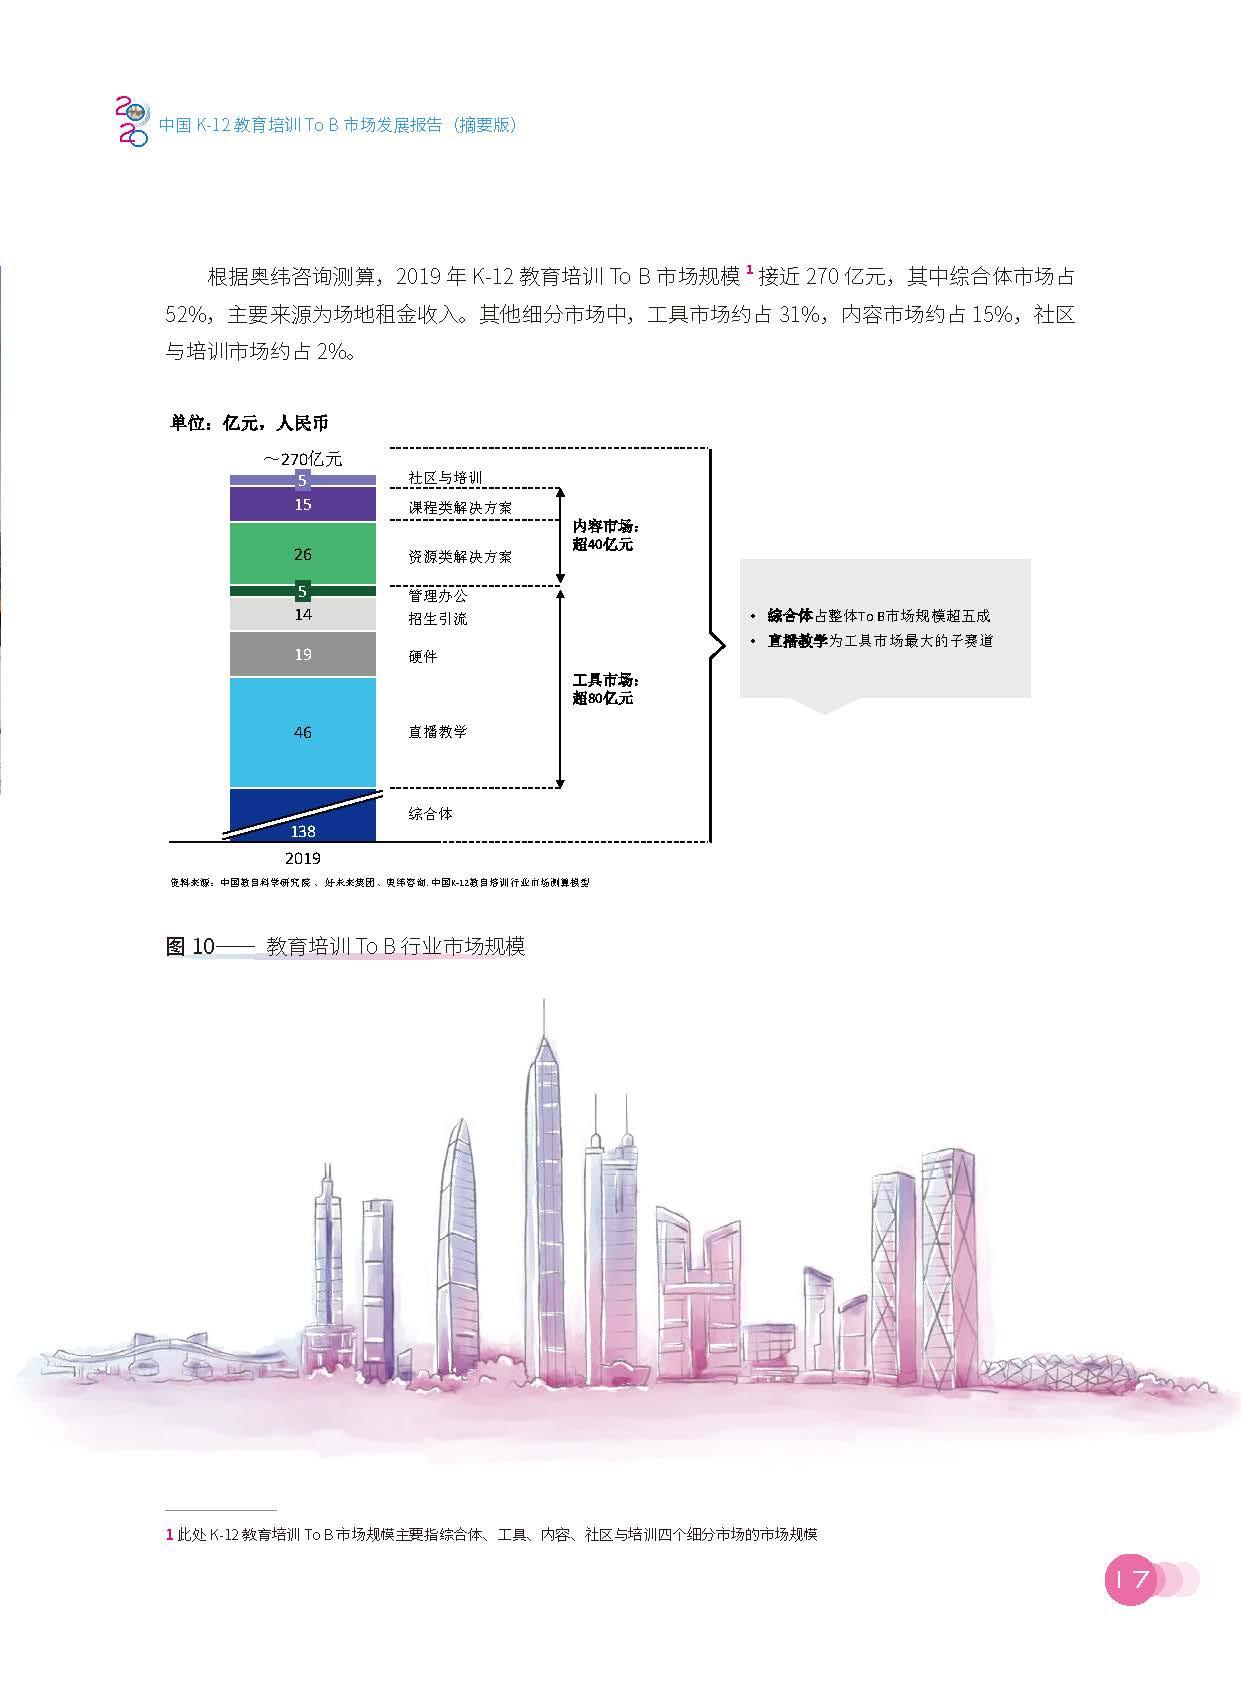 中国教育科学研究院:2020中国K~12教育培训To B市场发展报告(56页)_页面_20.jpg